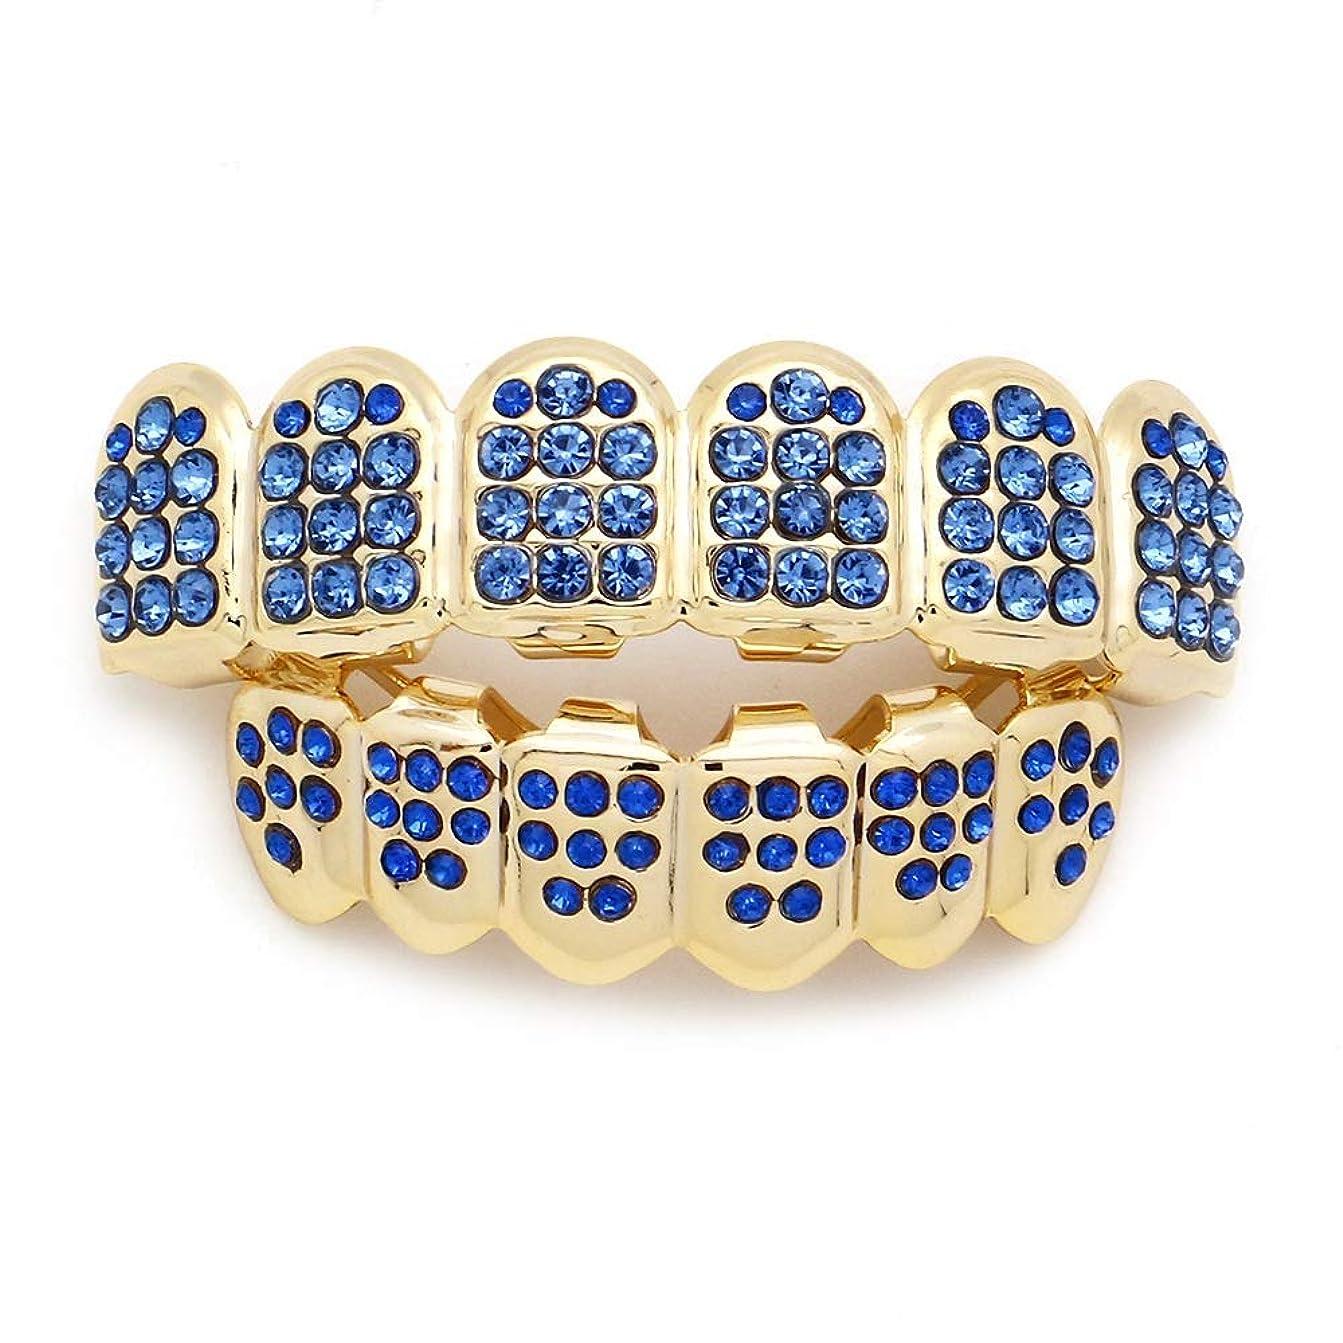 ほかに許される正確なダイヤモンドゴールドプレートHIPHOPティースキャップ、ヨーロッパ系アメリカ人INS最もホットなゴールド&ブラック&シルバー歯ブレース口の歯 (Color : Blue)